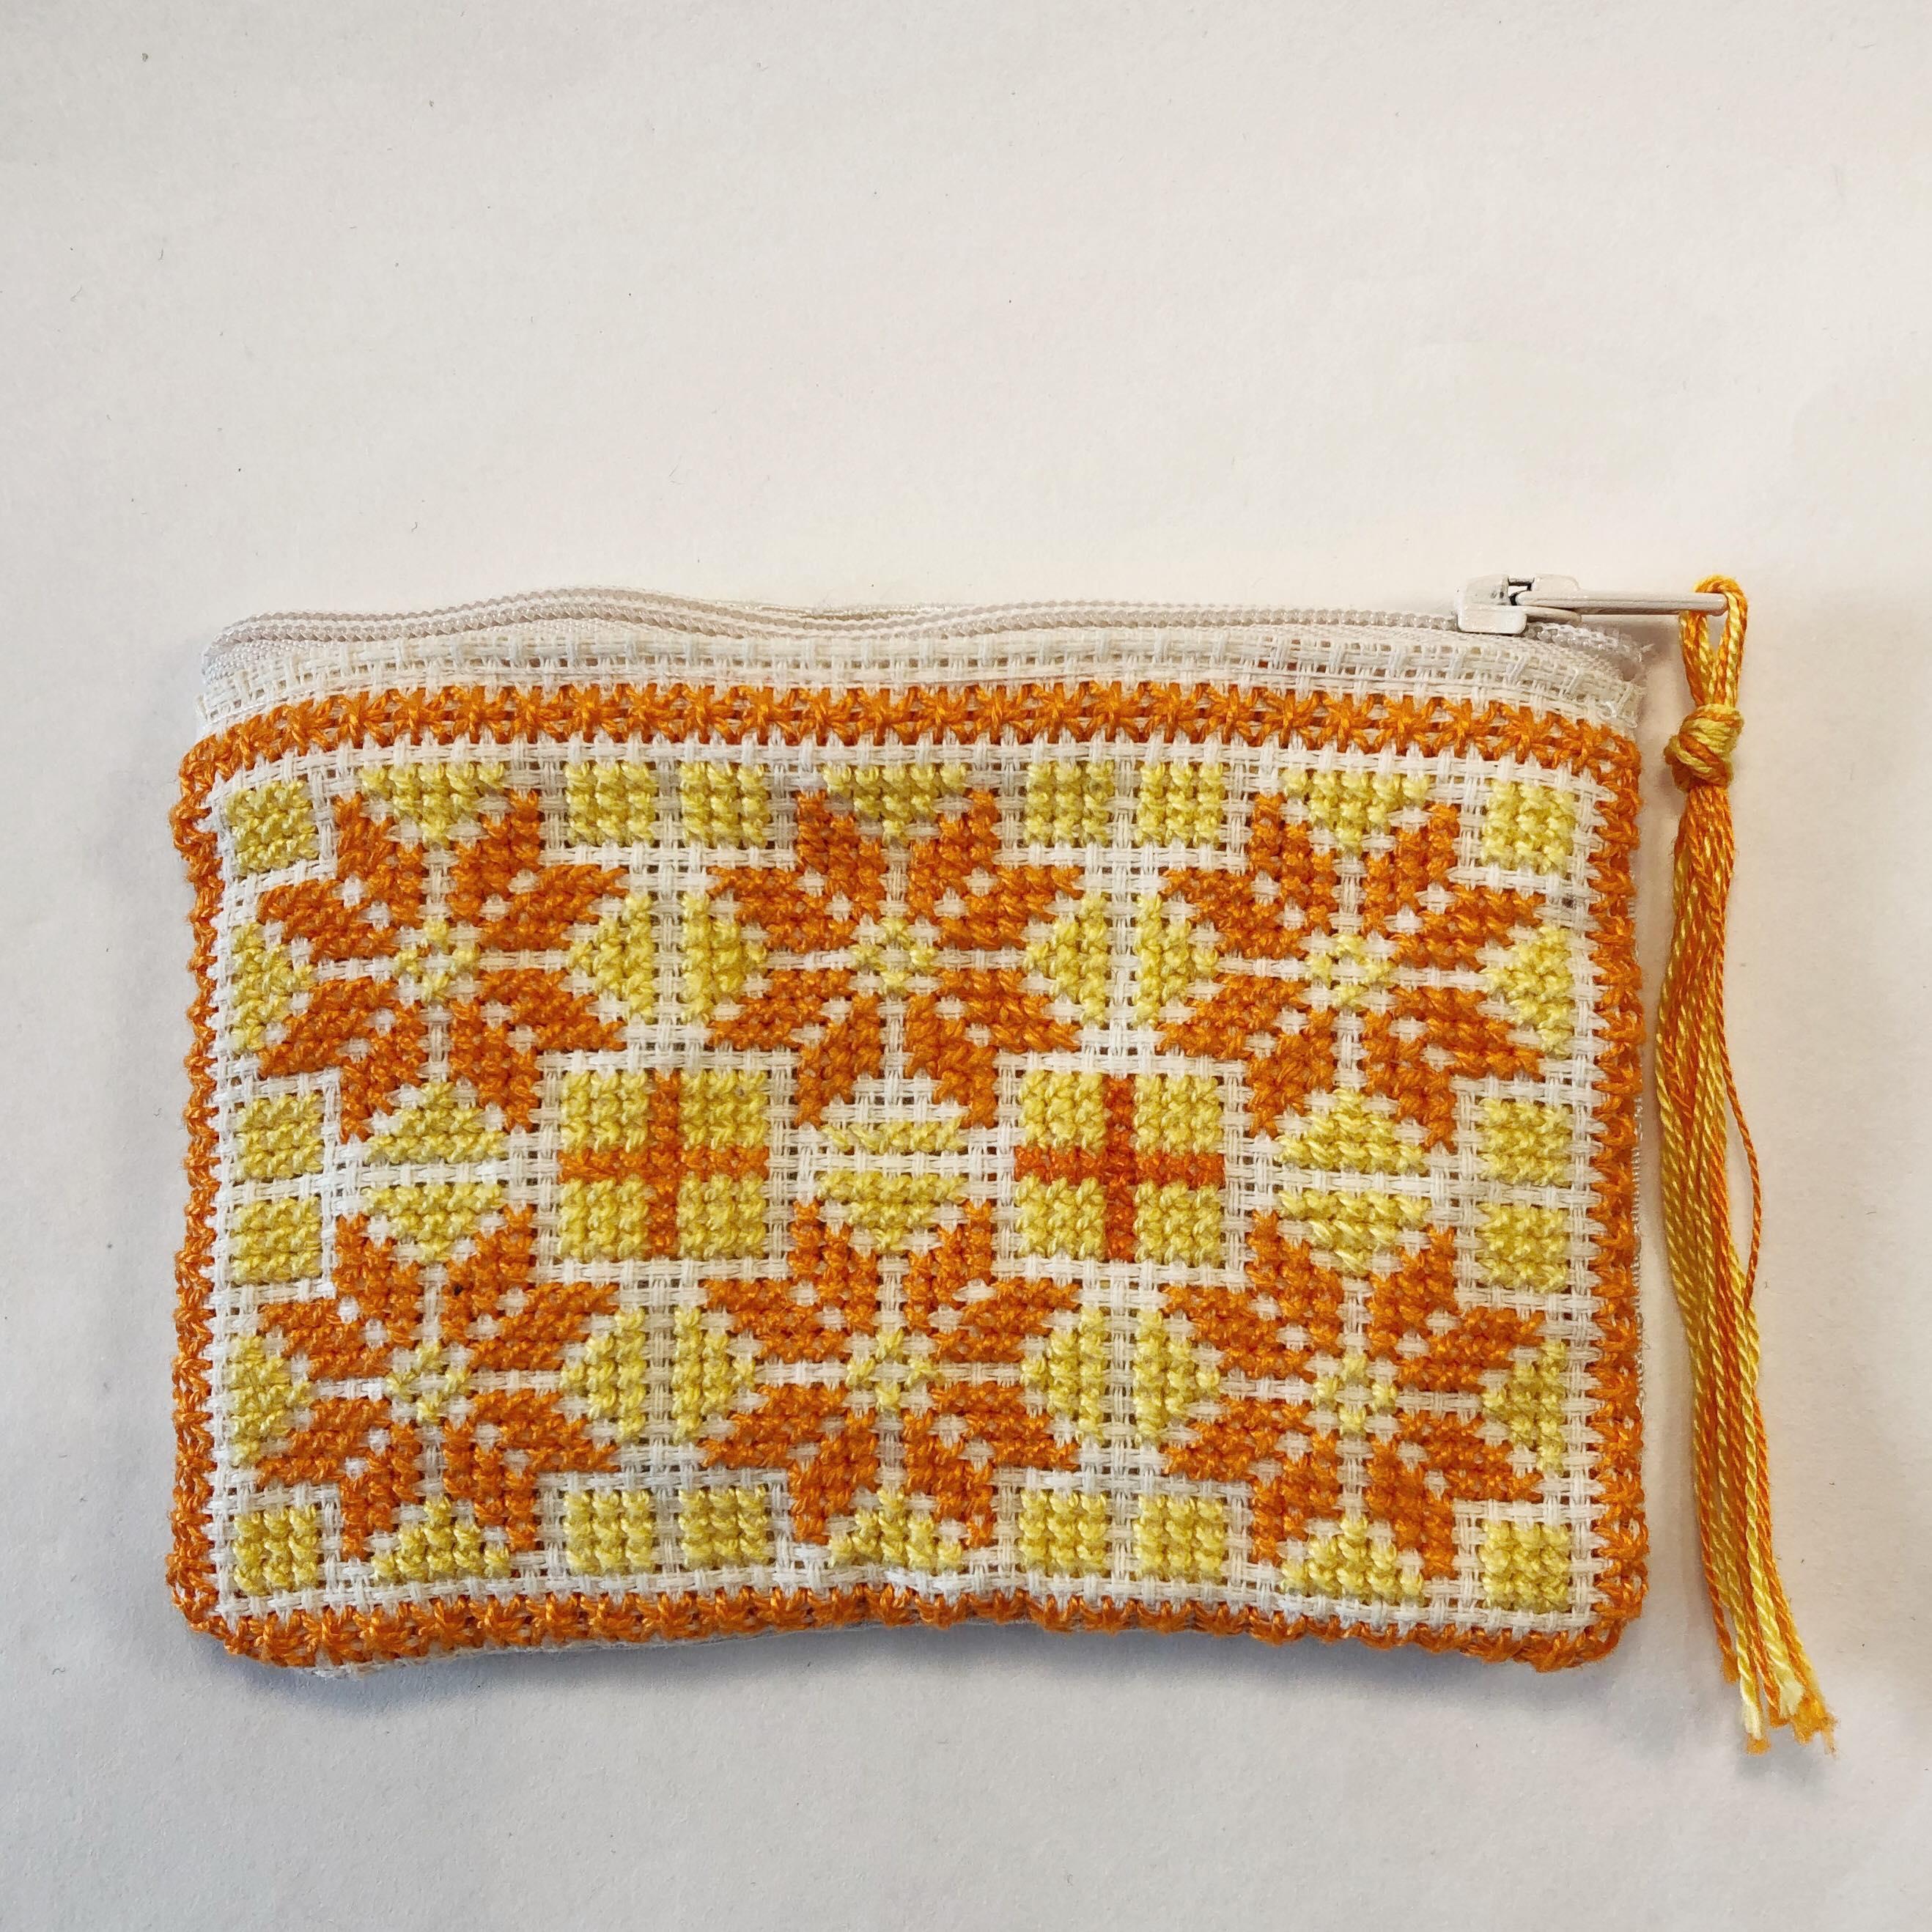 Liten brodert pung, hvit, gul og oransje